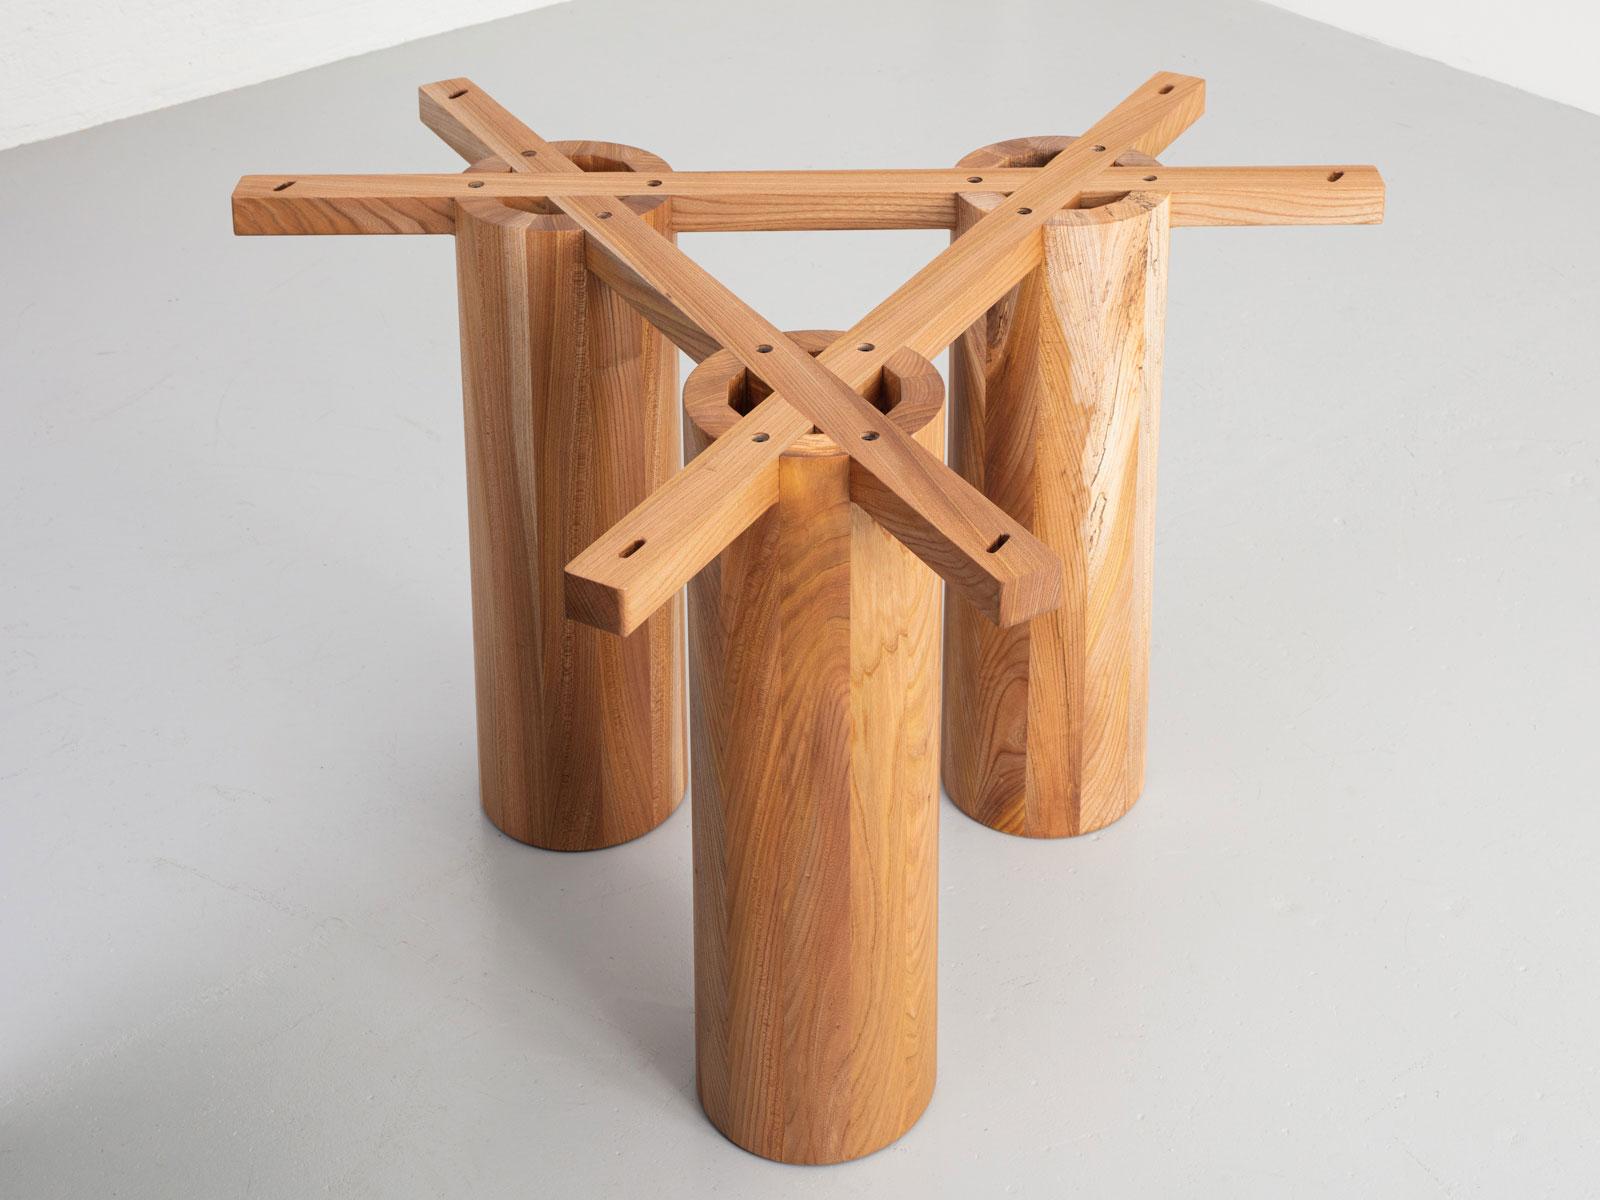 Jan Hendzel Round Tables Studio 2021-47